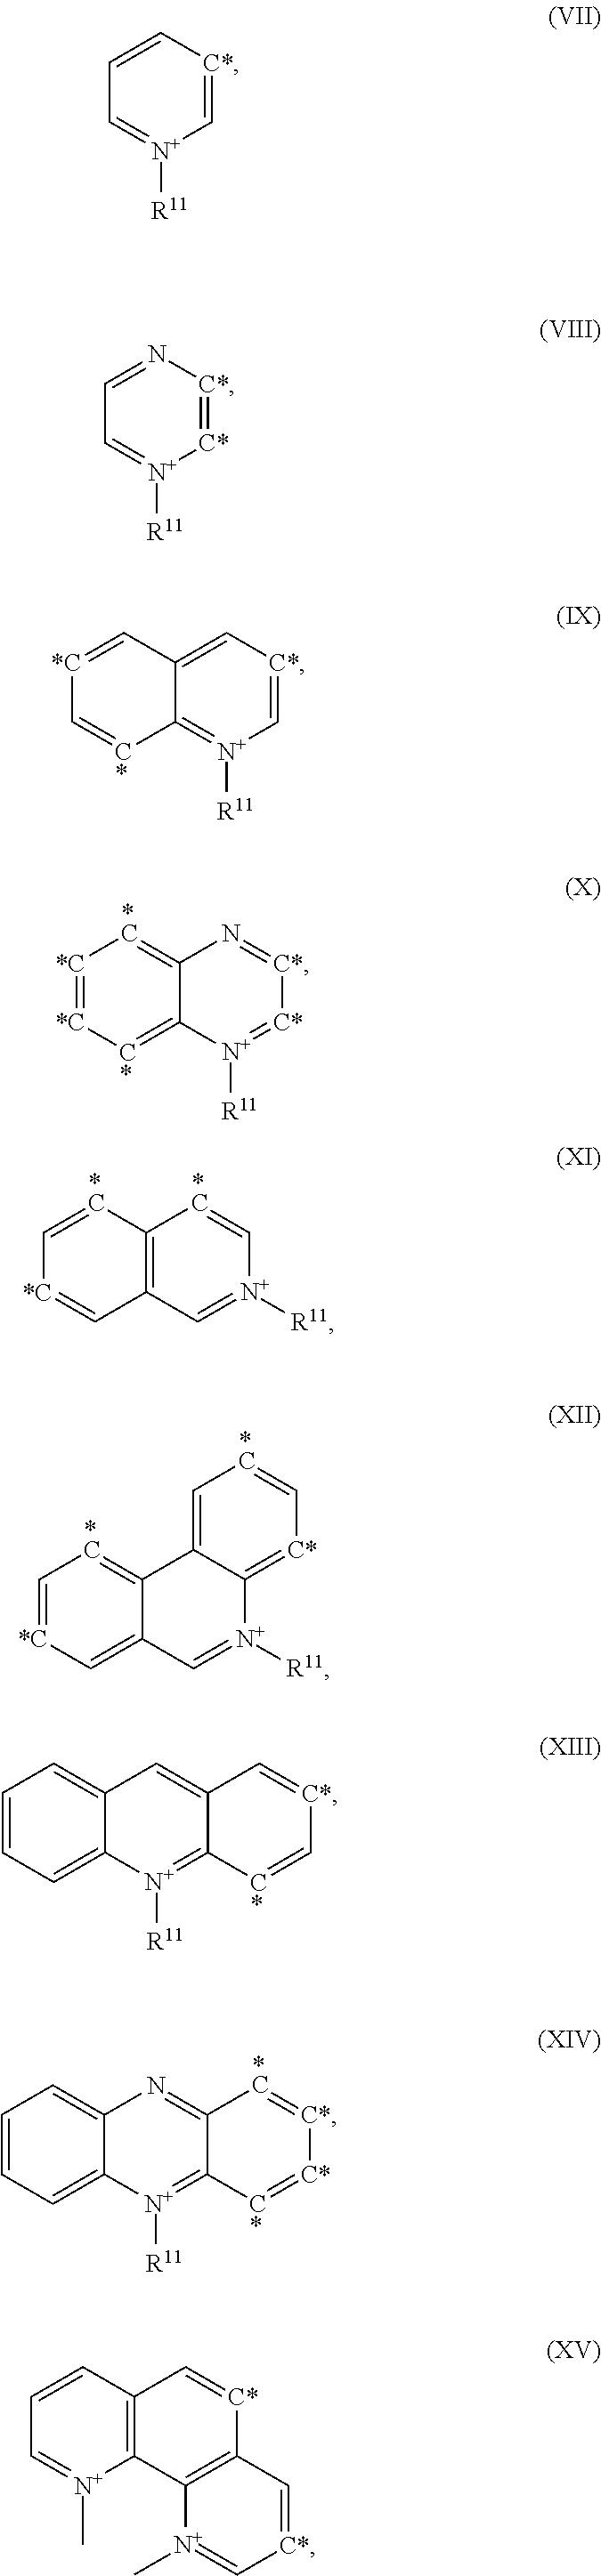 Figure US10060907-20180828-C00009